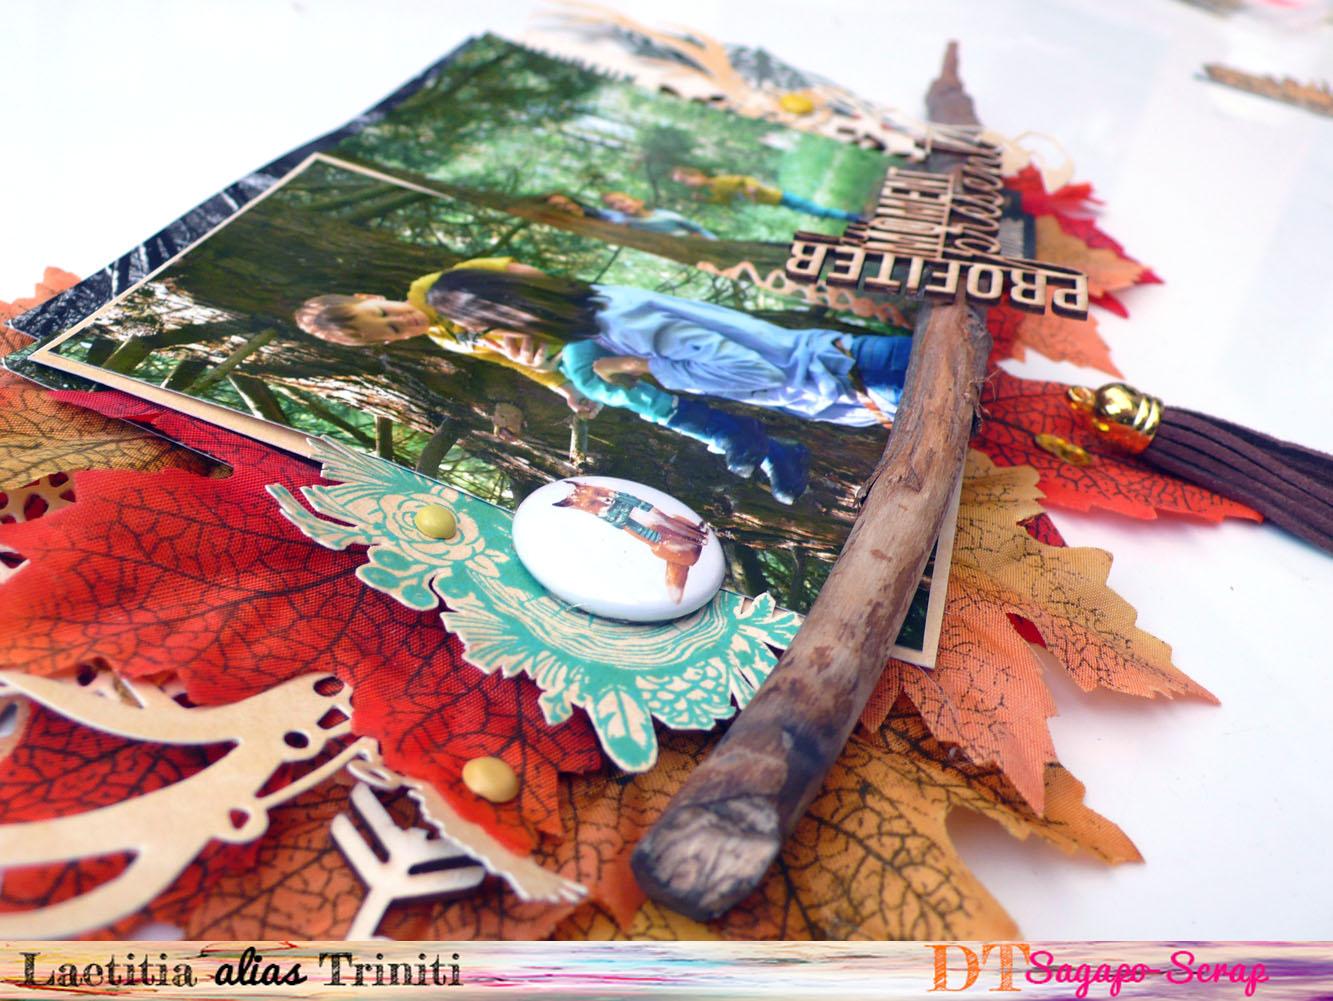 home déco automne fall thème nature avec découpe carton bois Sagapo Scrap